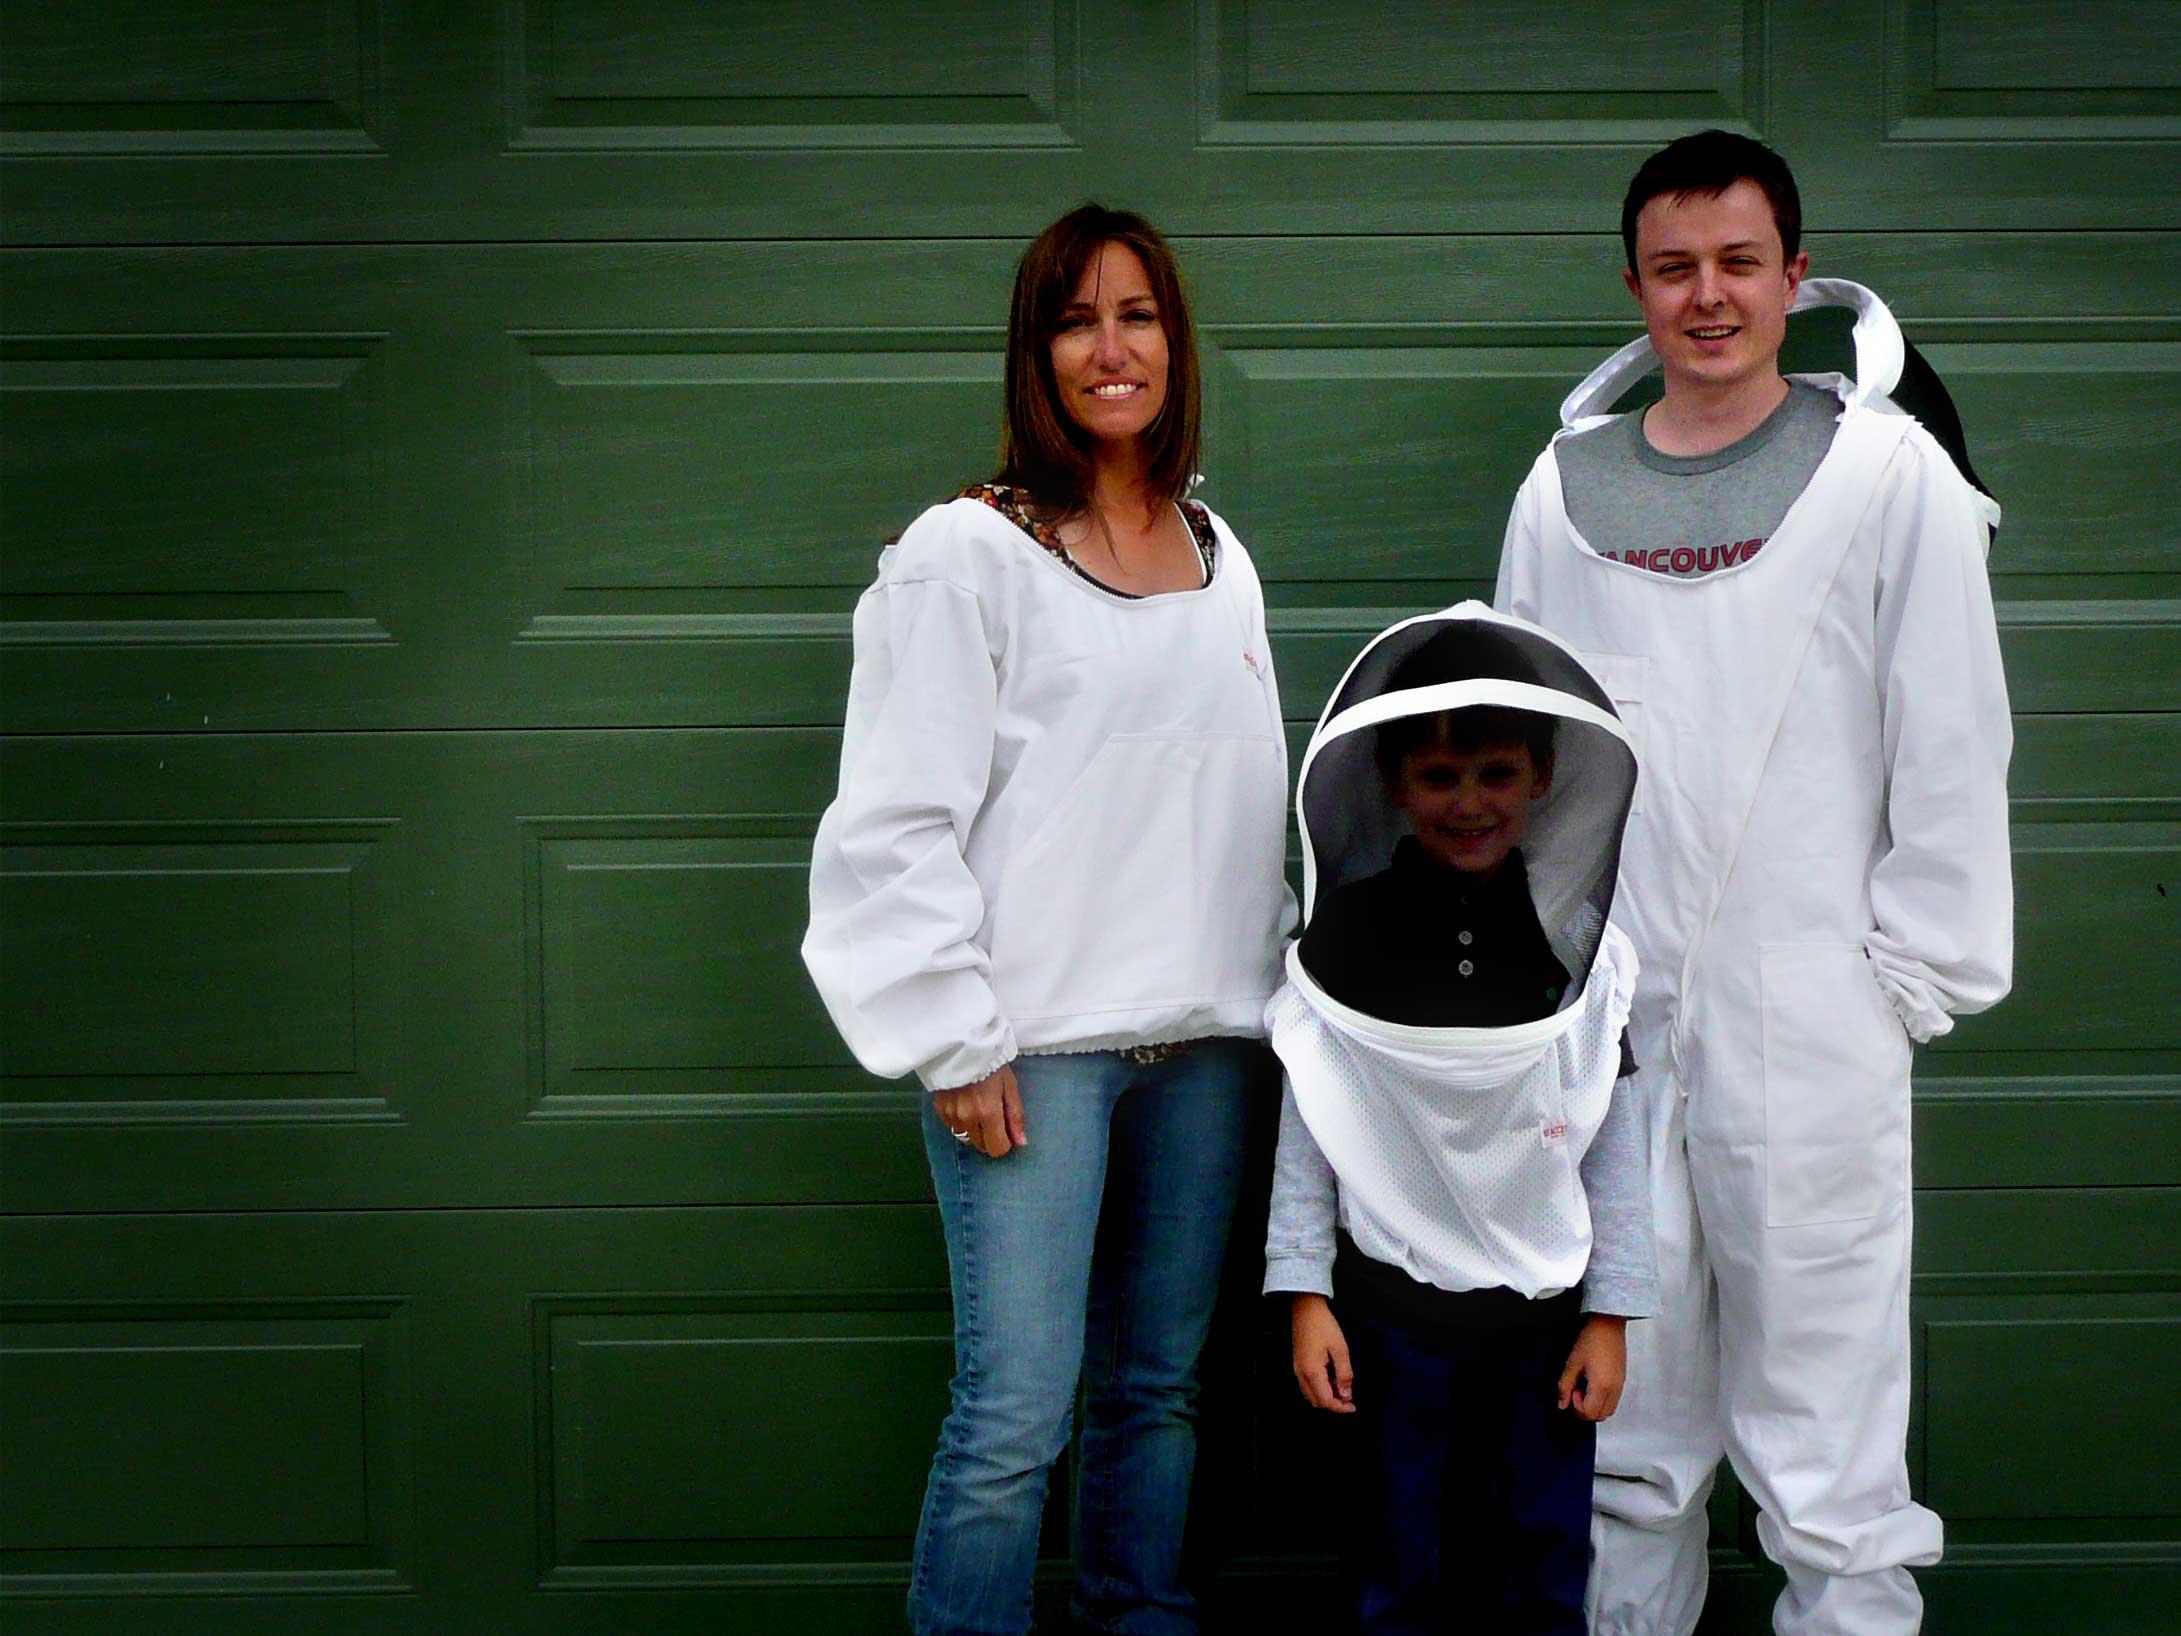 خانواده زنبوردار